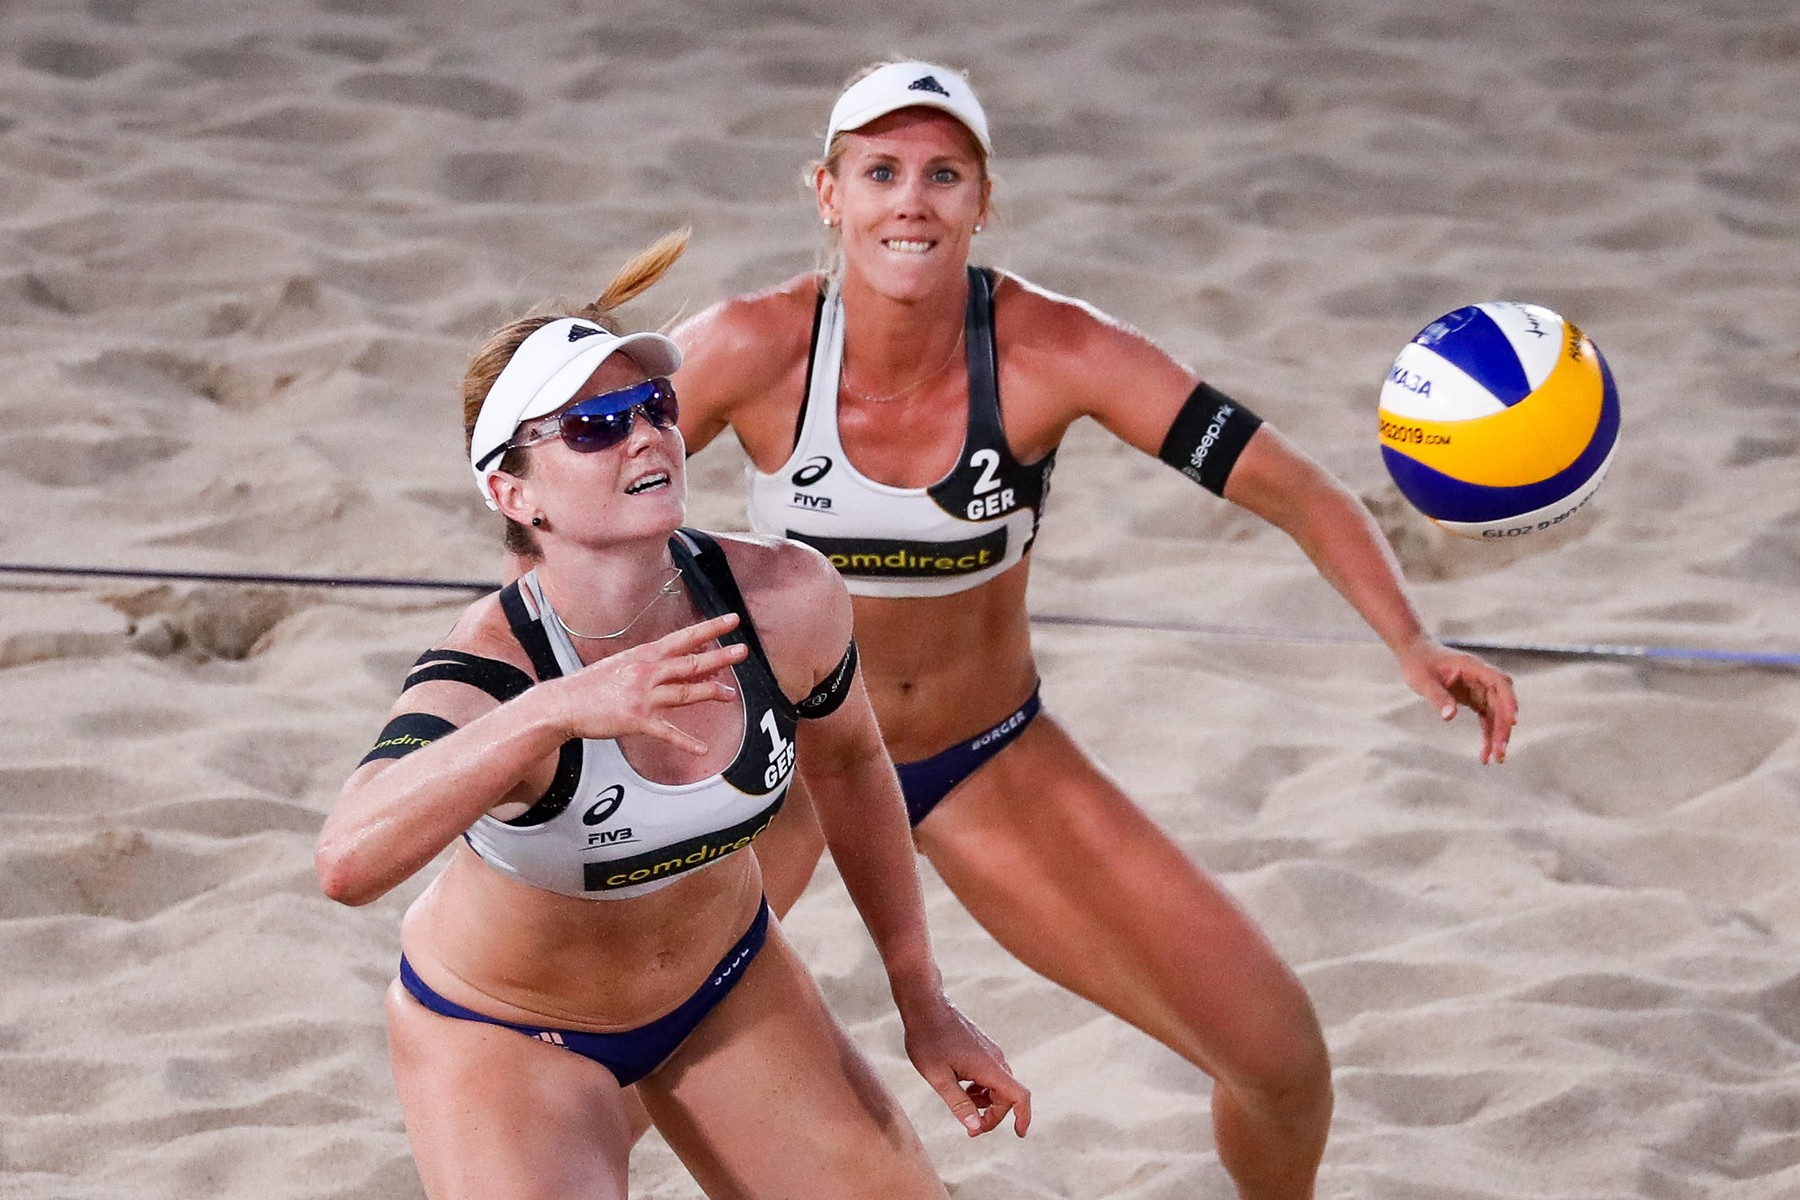 Refuz categoric de a participa la turneul de volei pe plajă dacă nu sunt lăsate să joace în bikini